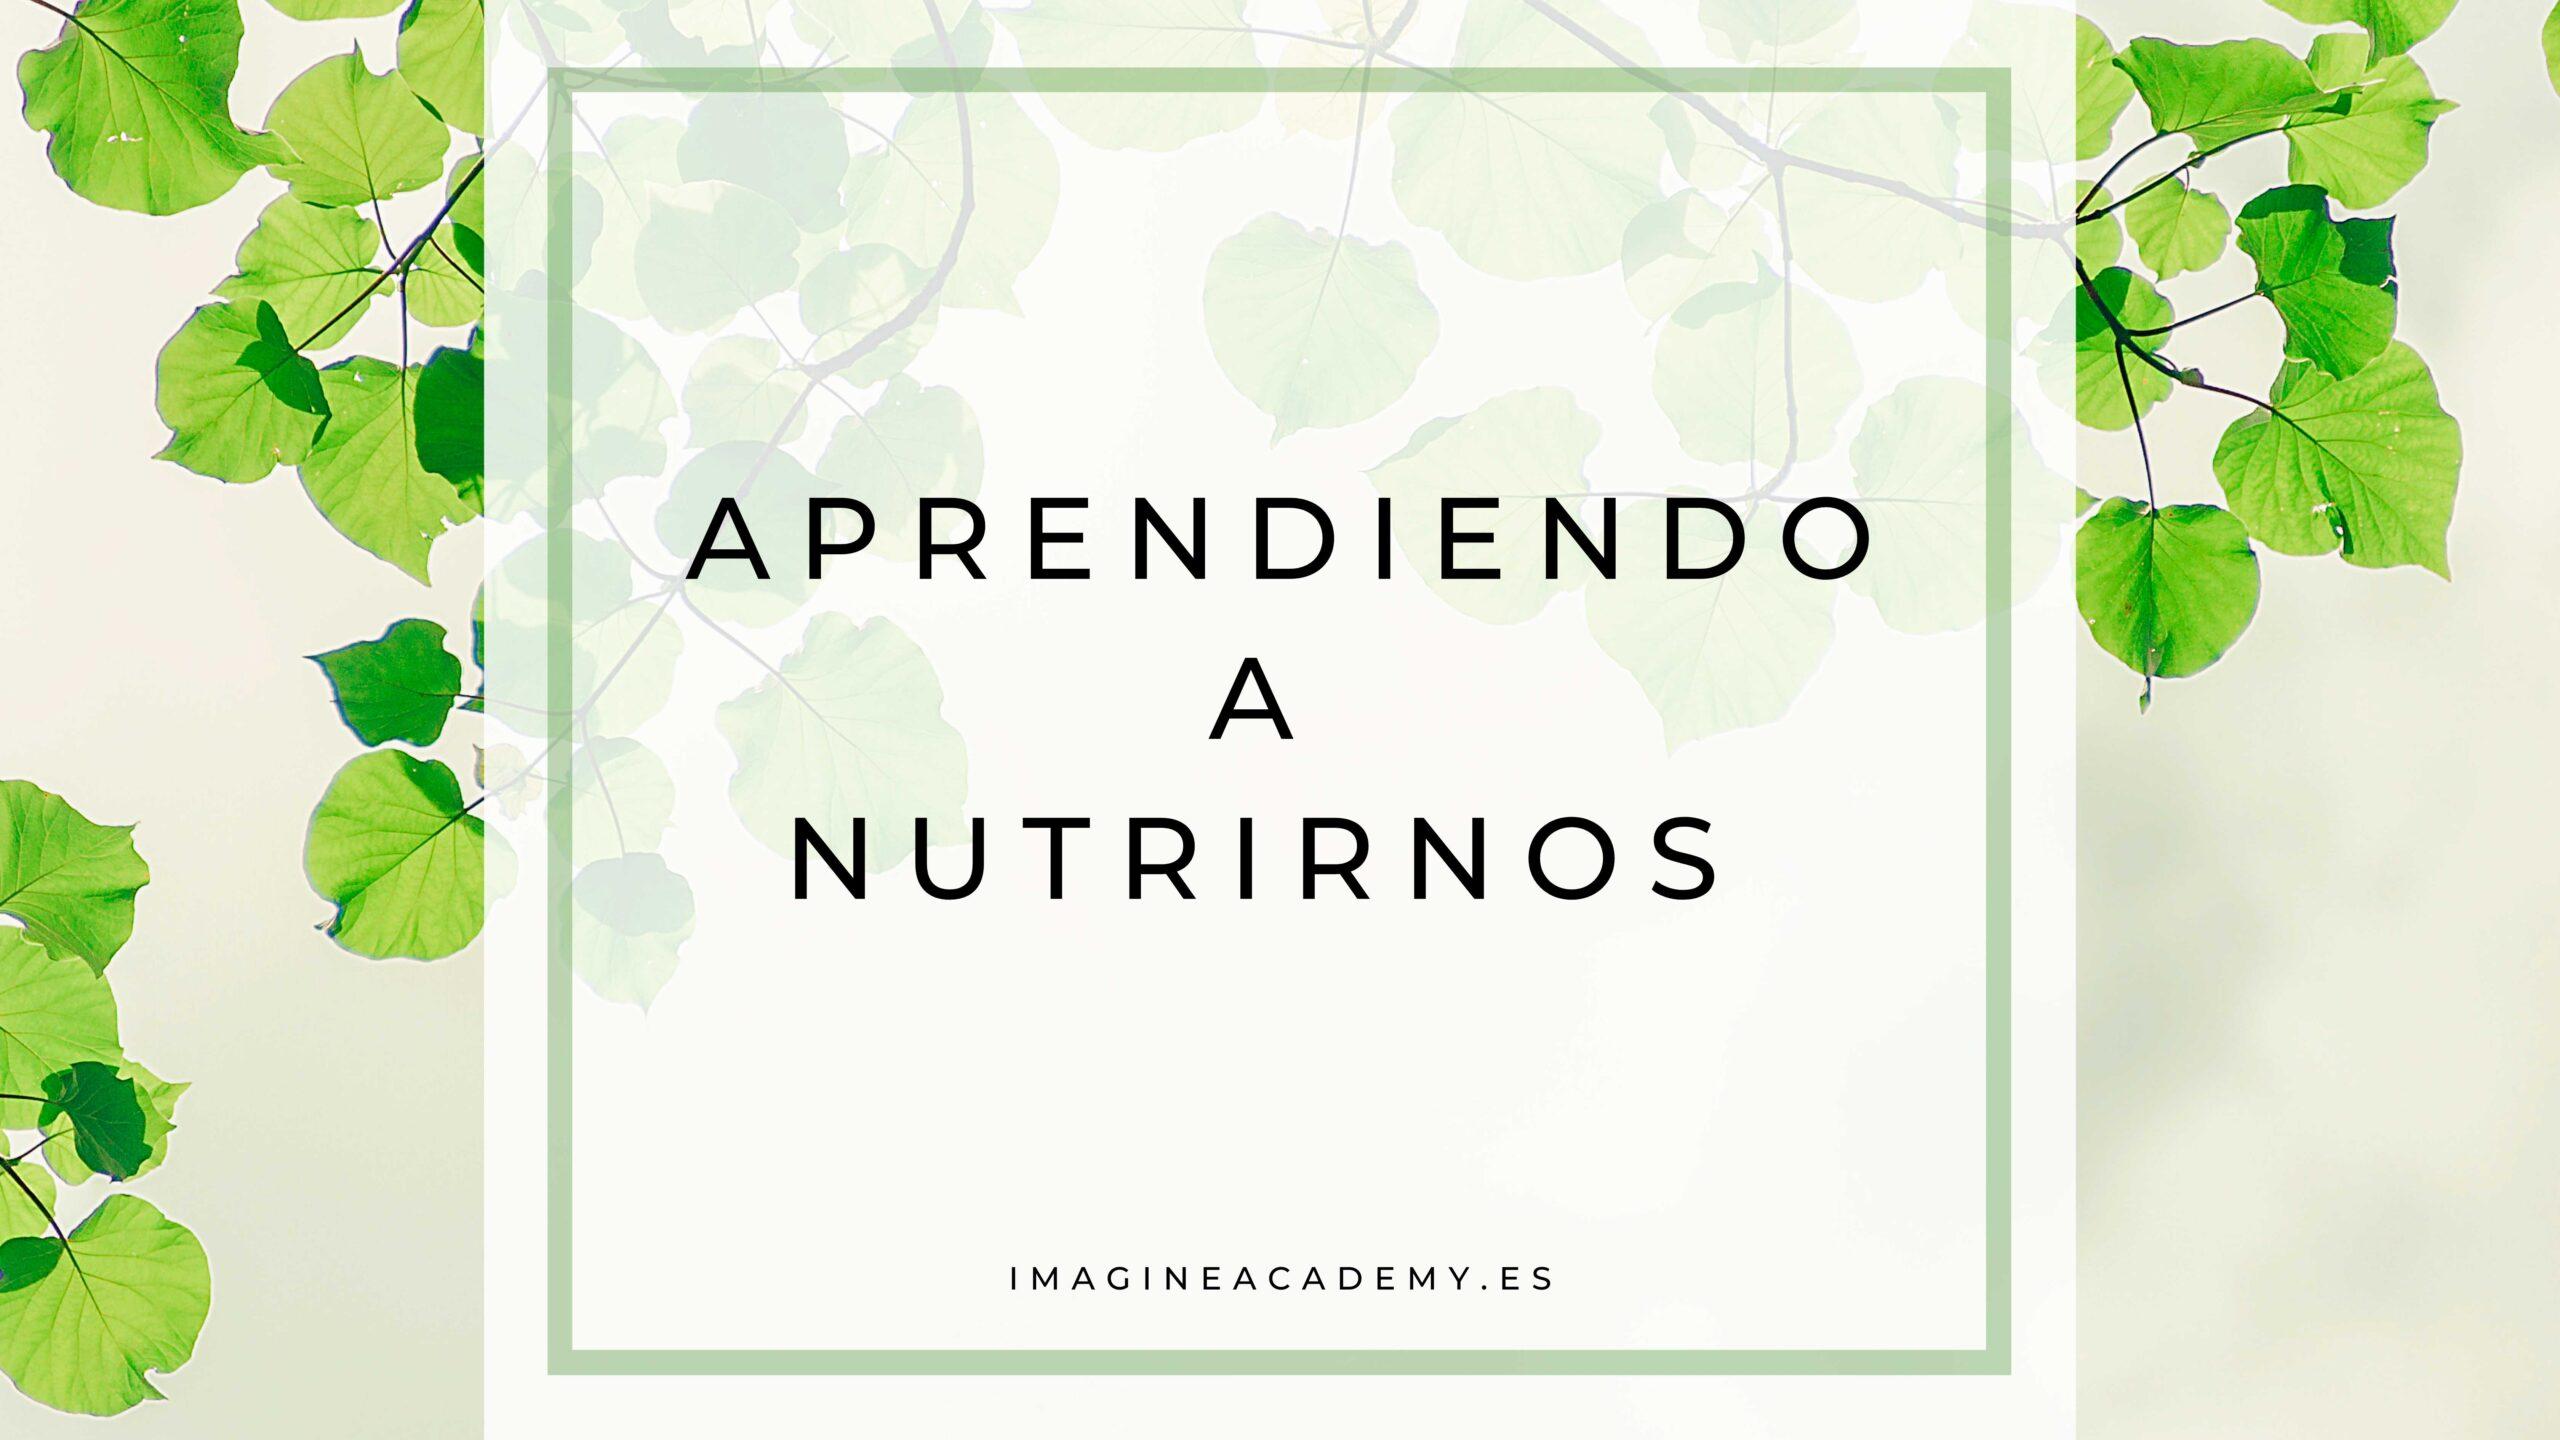 Aprendiendo a nutrirnos